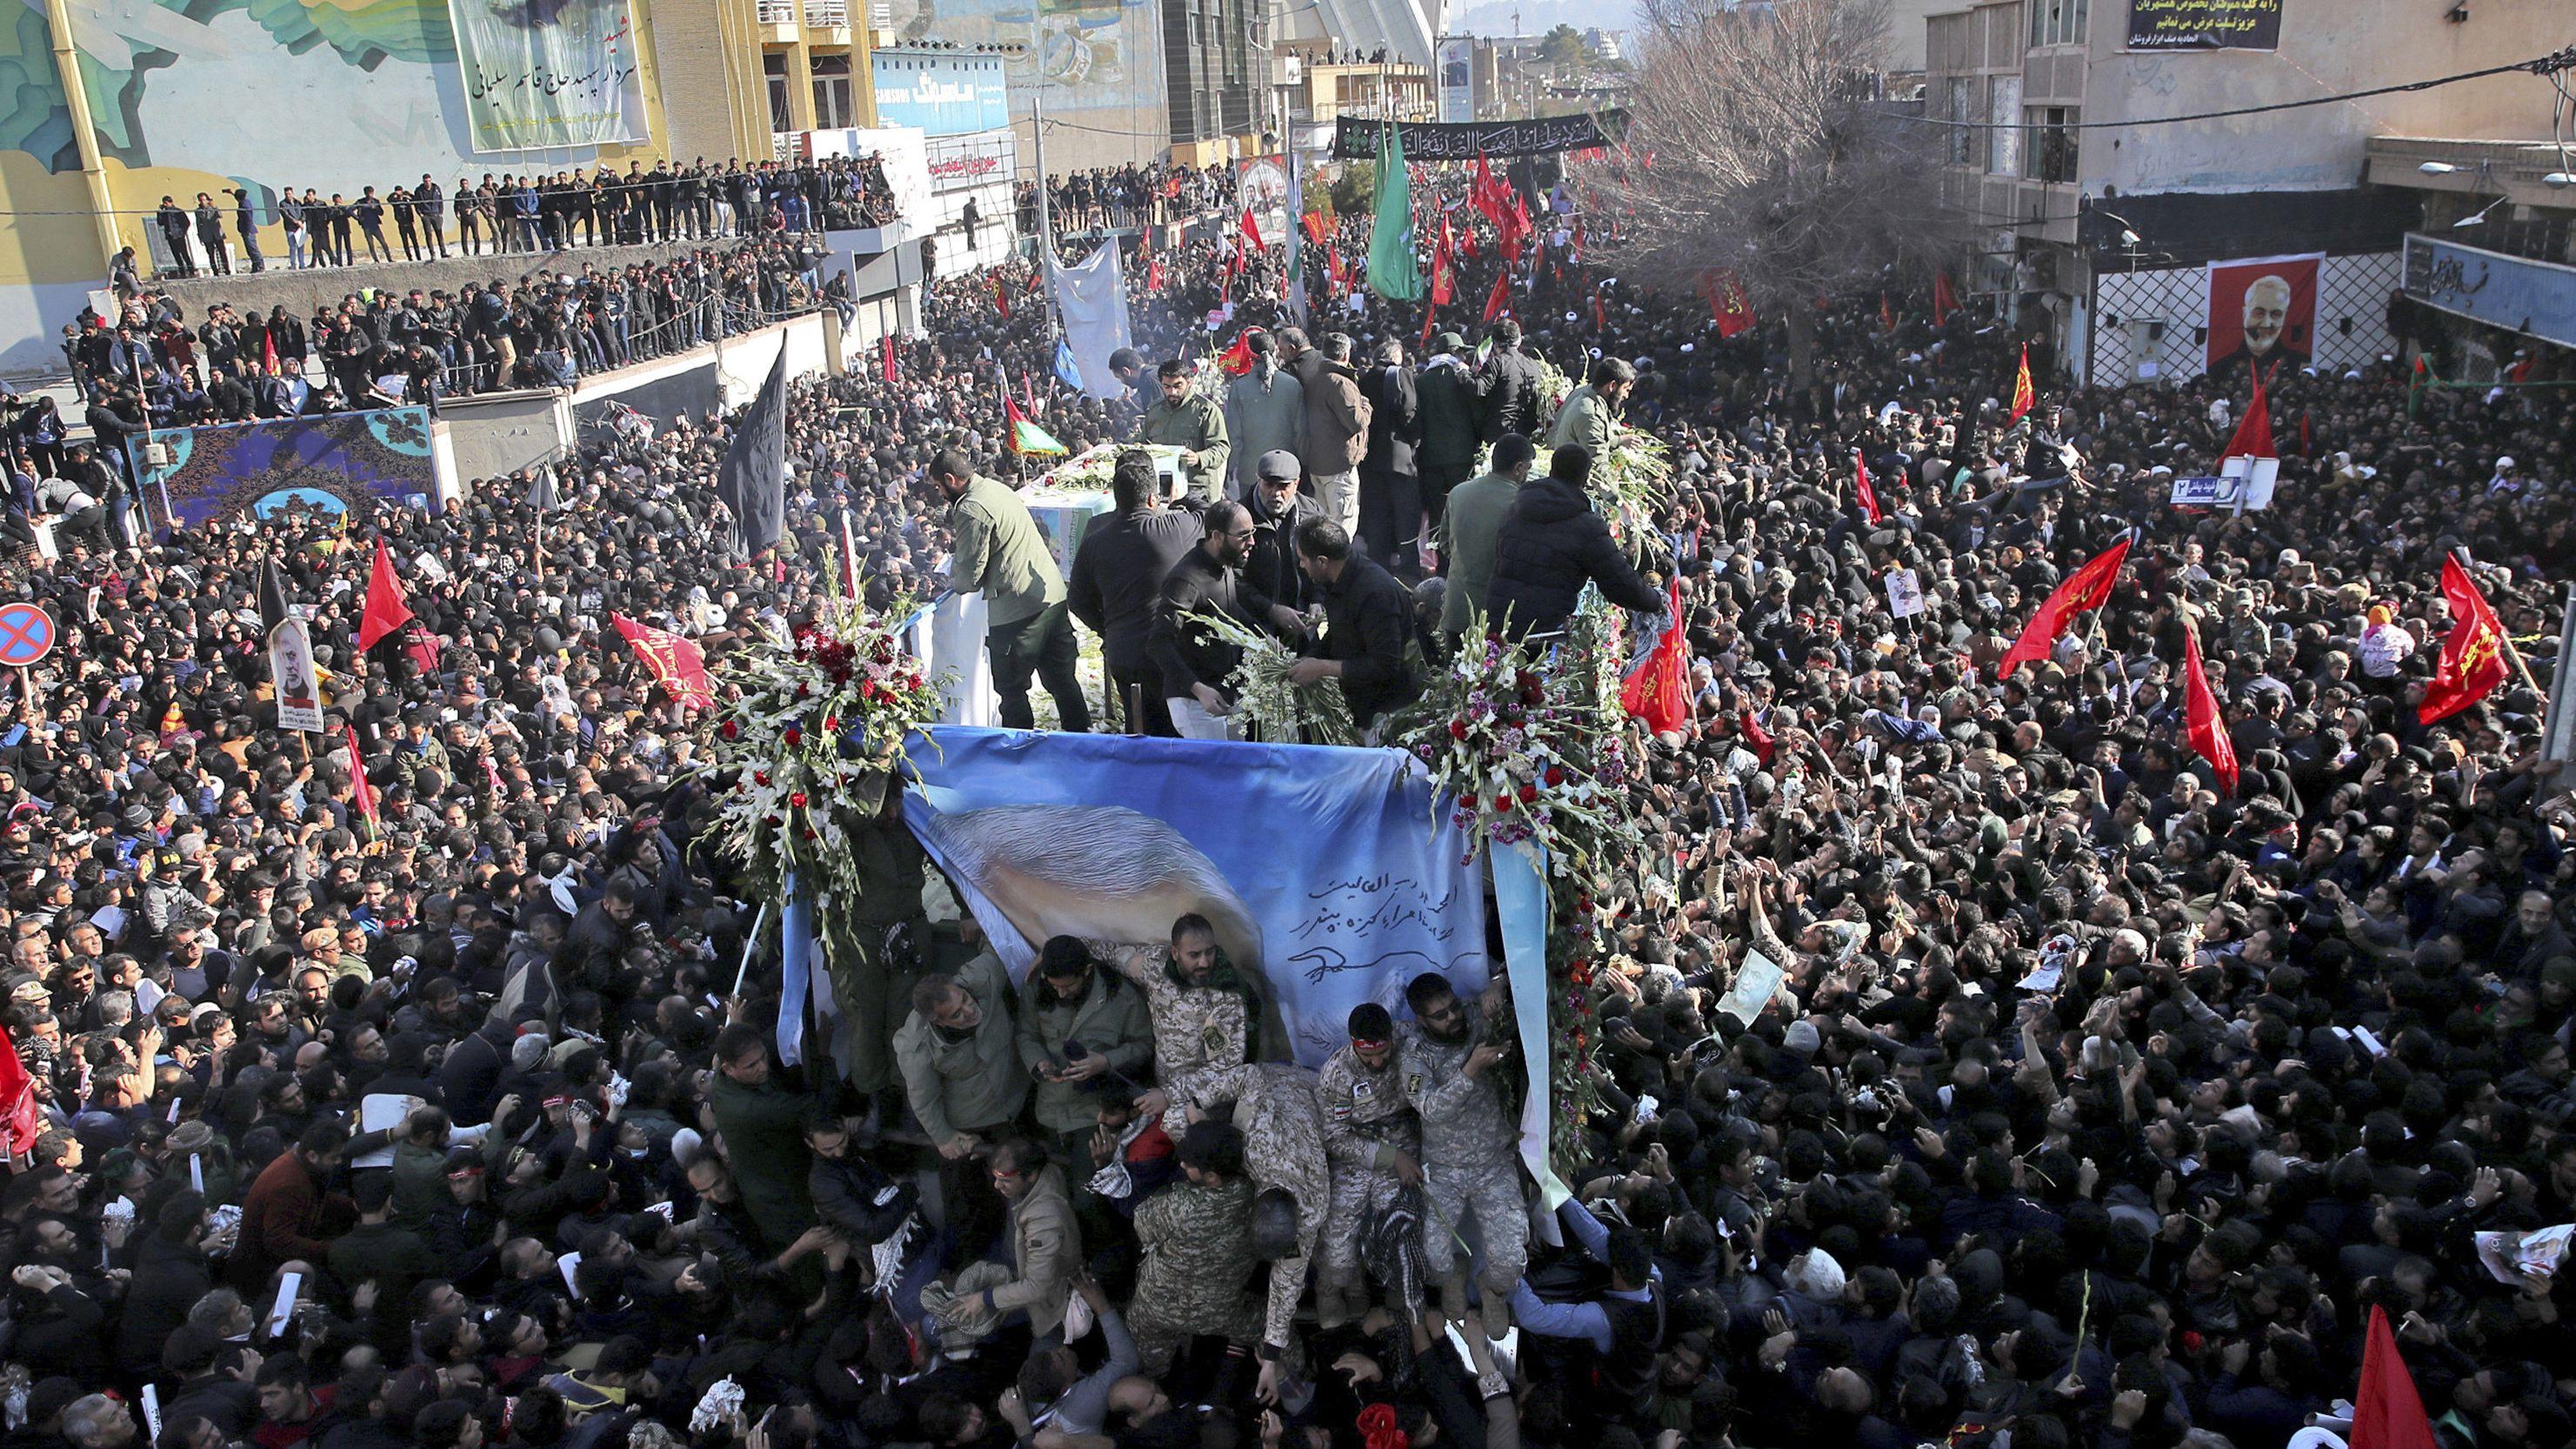 Beim Trauerzug für den iranischen General Soleimani in Kerman ist es zu einer Massenpanik mit Toten gekommen.